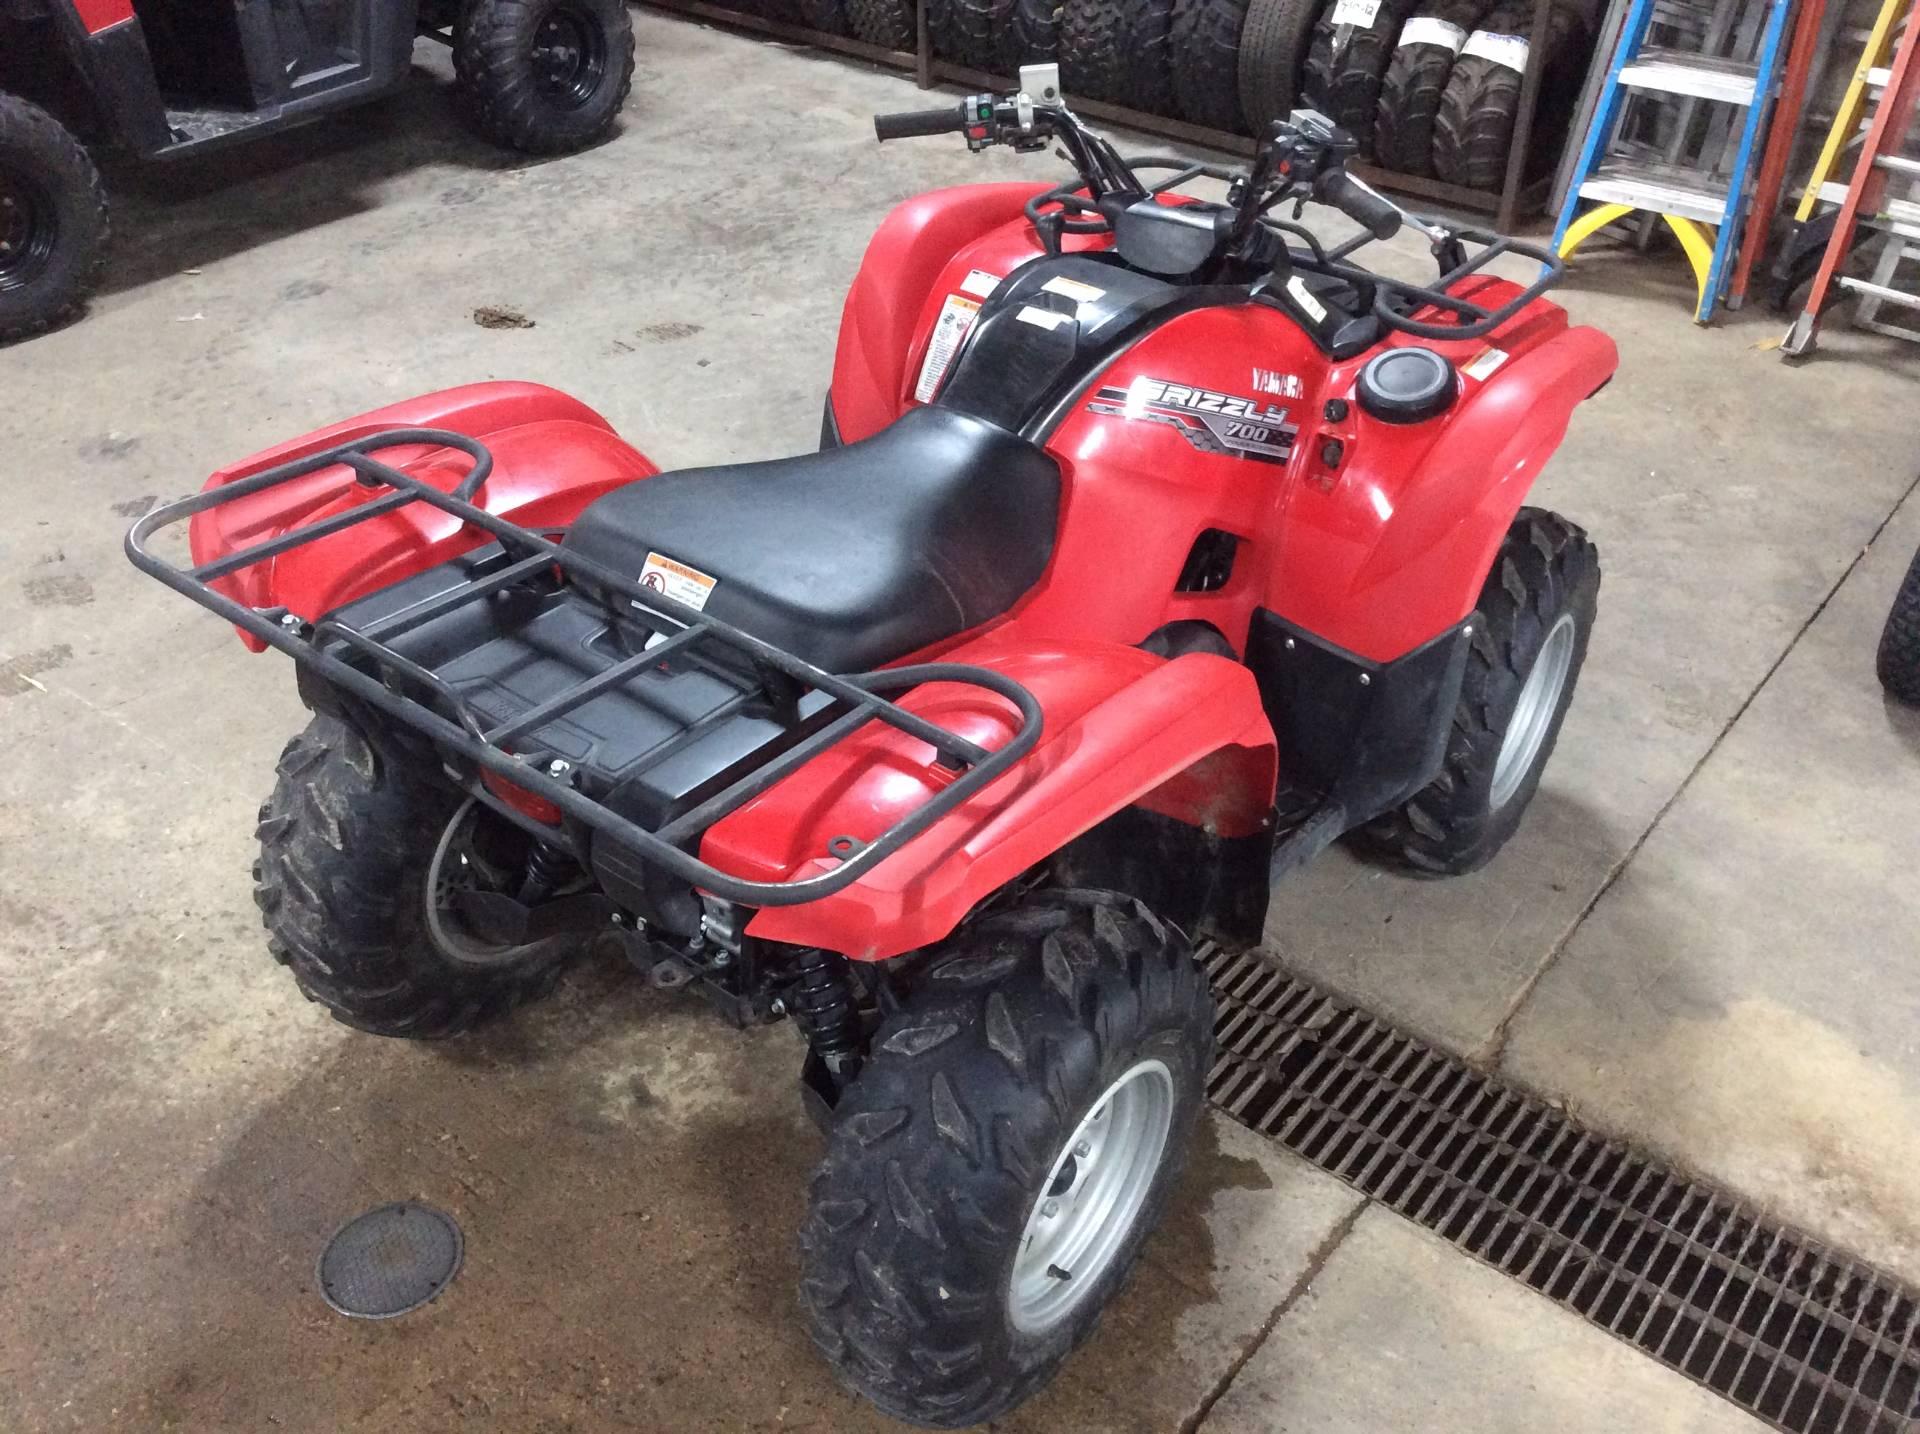 2014 yamaha grizzly 700 fi auto 4x4 eps for sale kieler for Yamaha grizzly 700 for sale